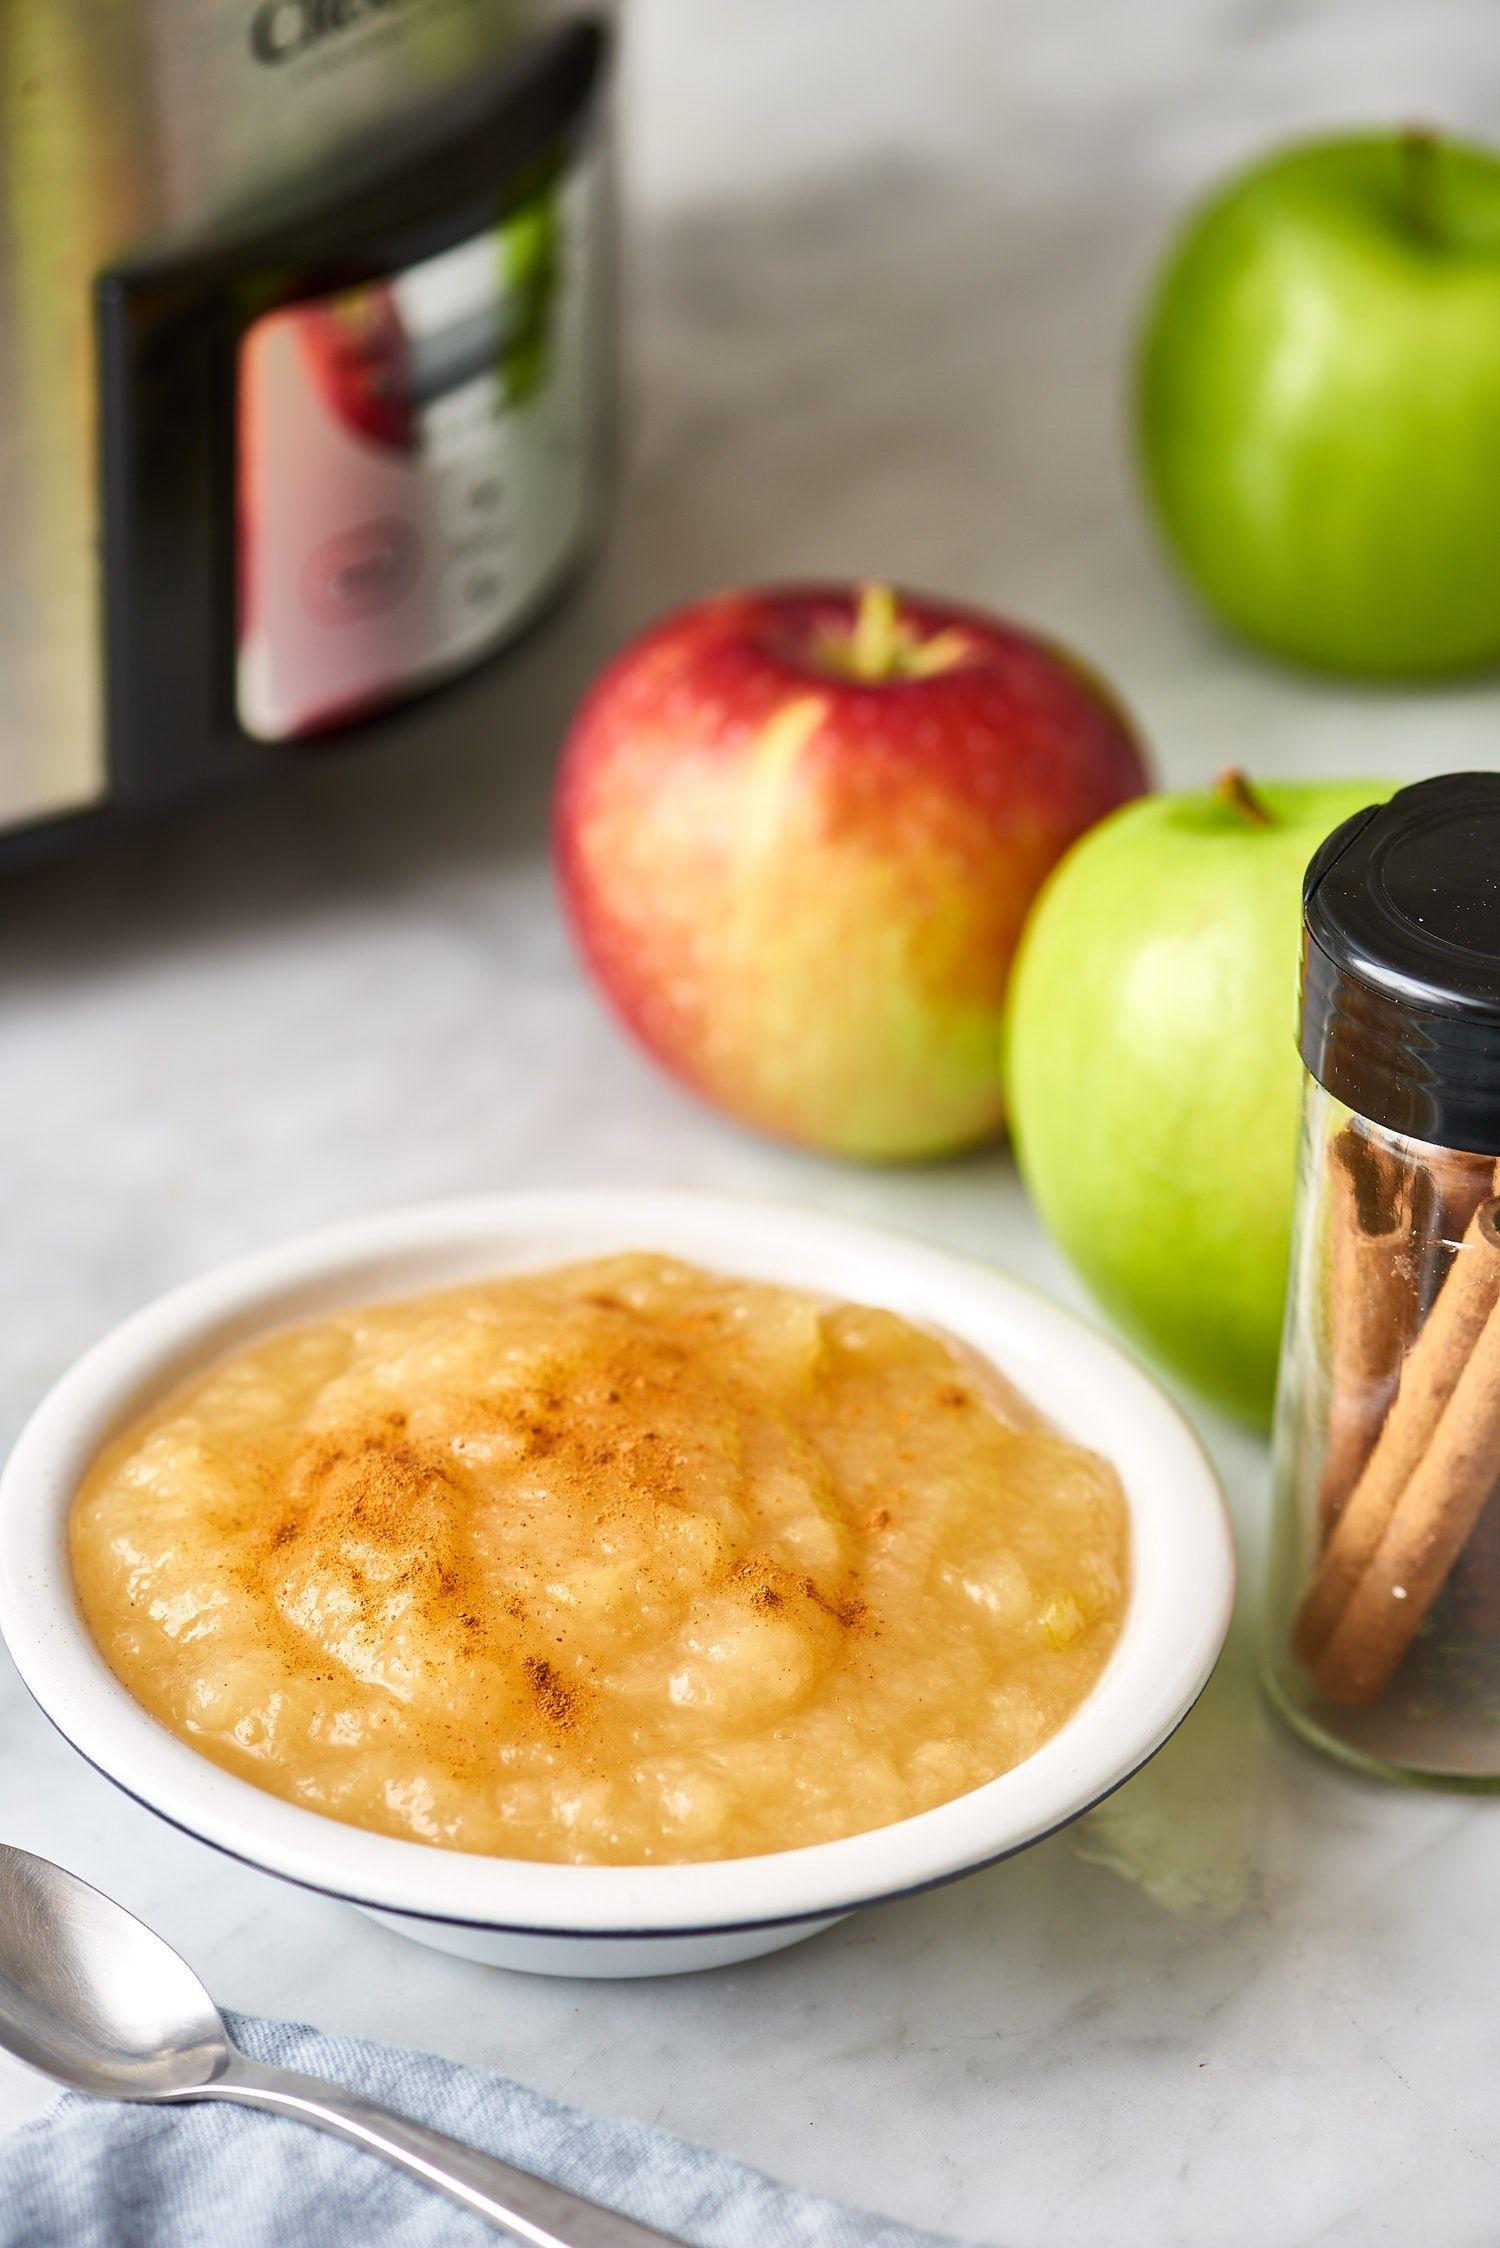 Диета С Яблочным Пюре. Яблочная диета: экспресс-похудение и детокс